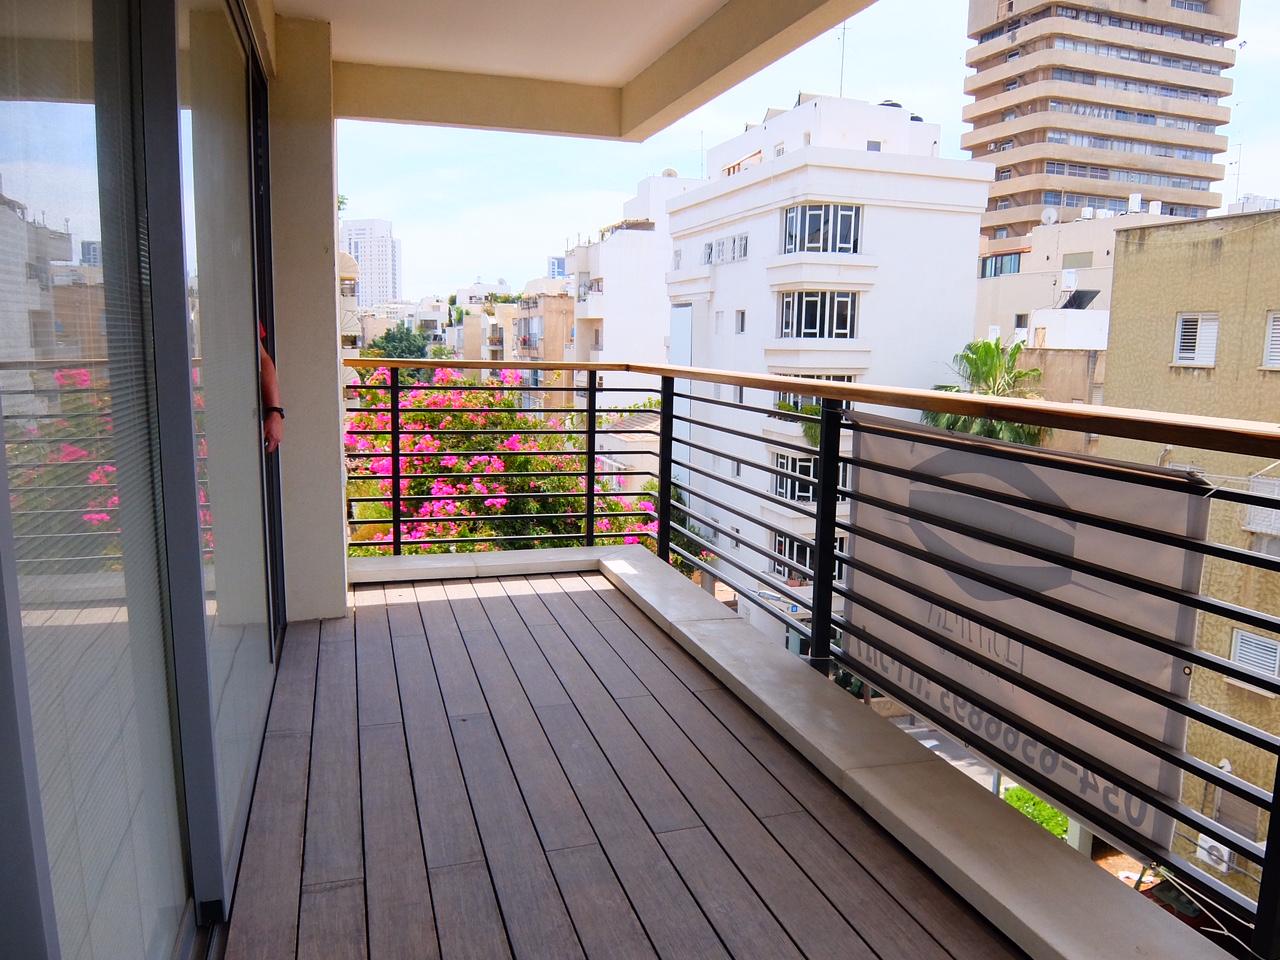 Habima area: Brand new 3 bedroom apartment